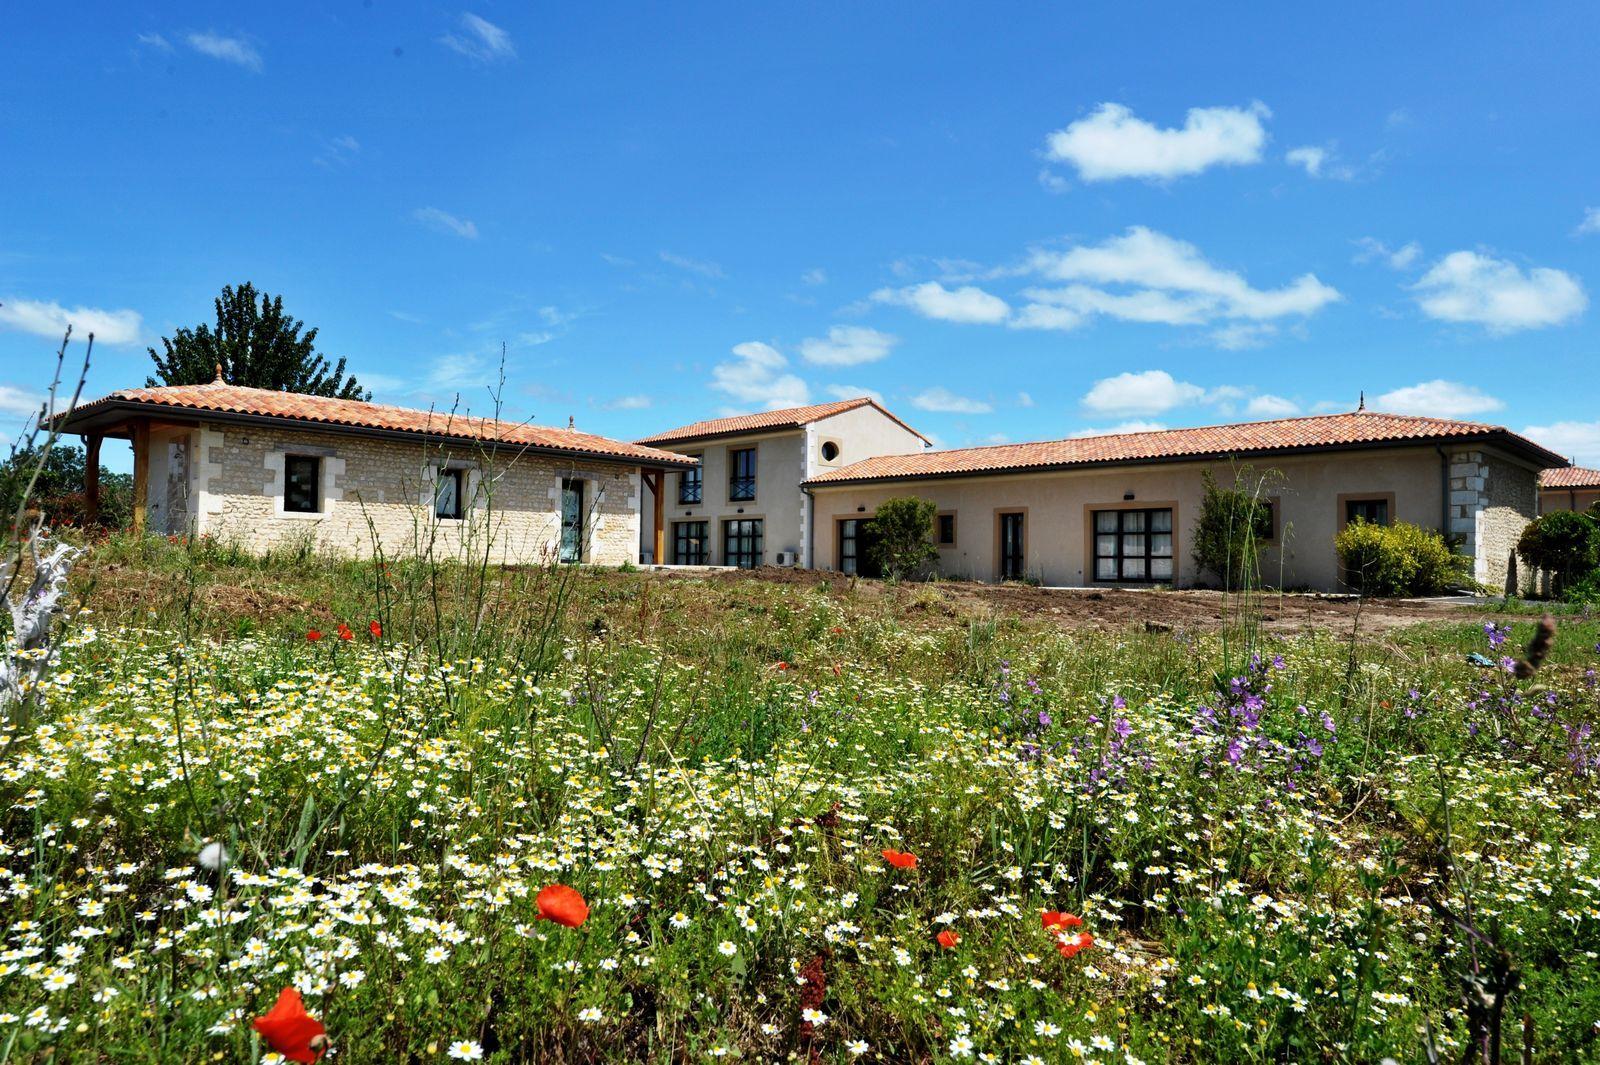 Domaine les Marées - 8. Le Nid des Cigognes - vakantiehuizen in Frankrijk